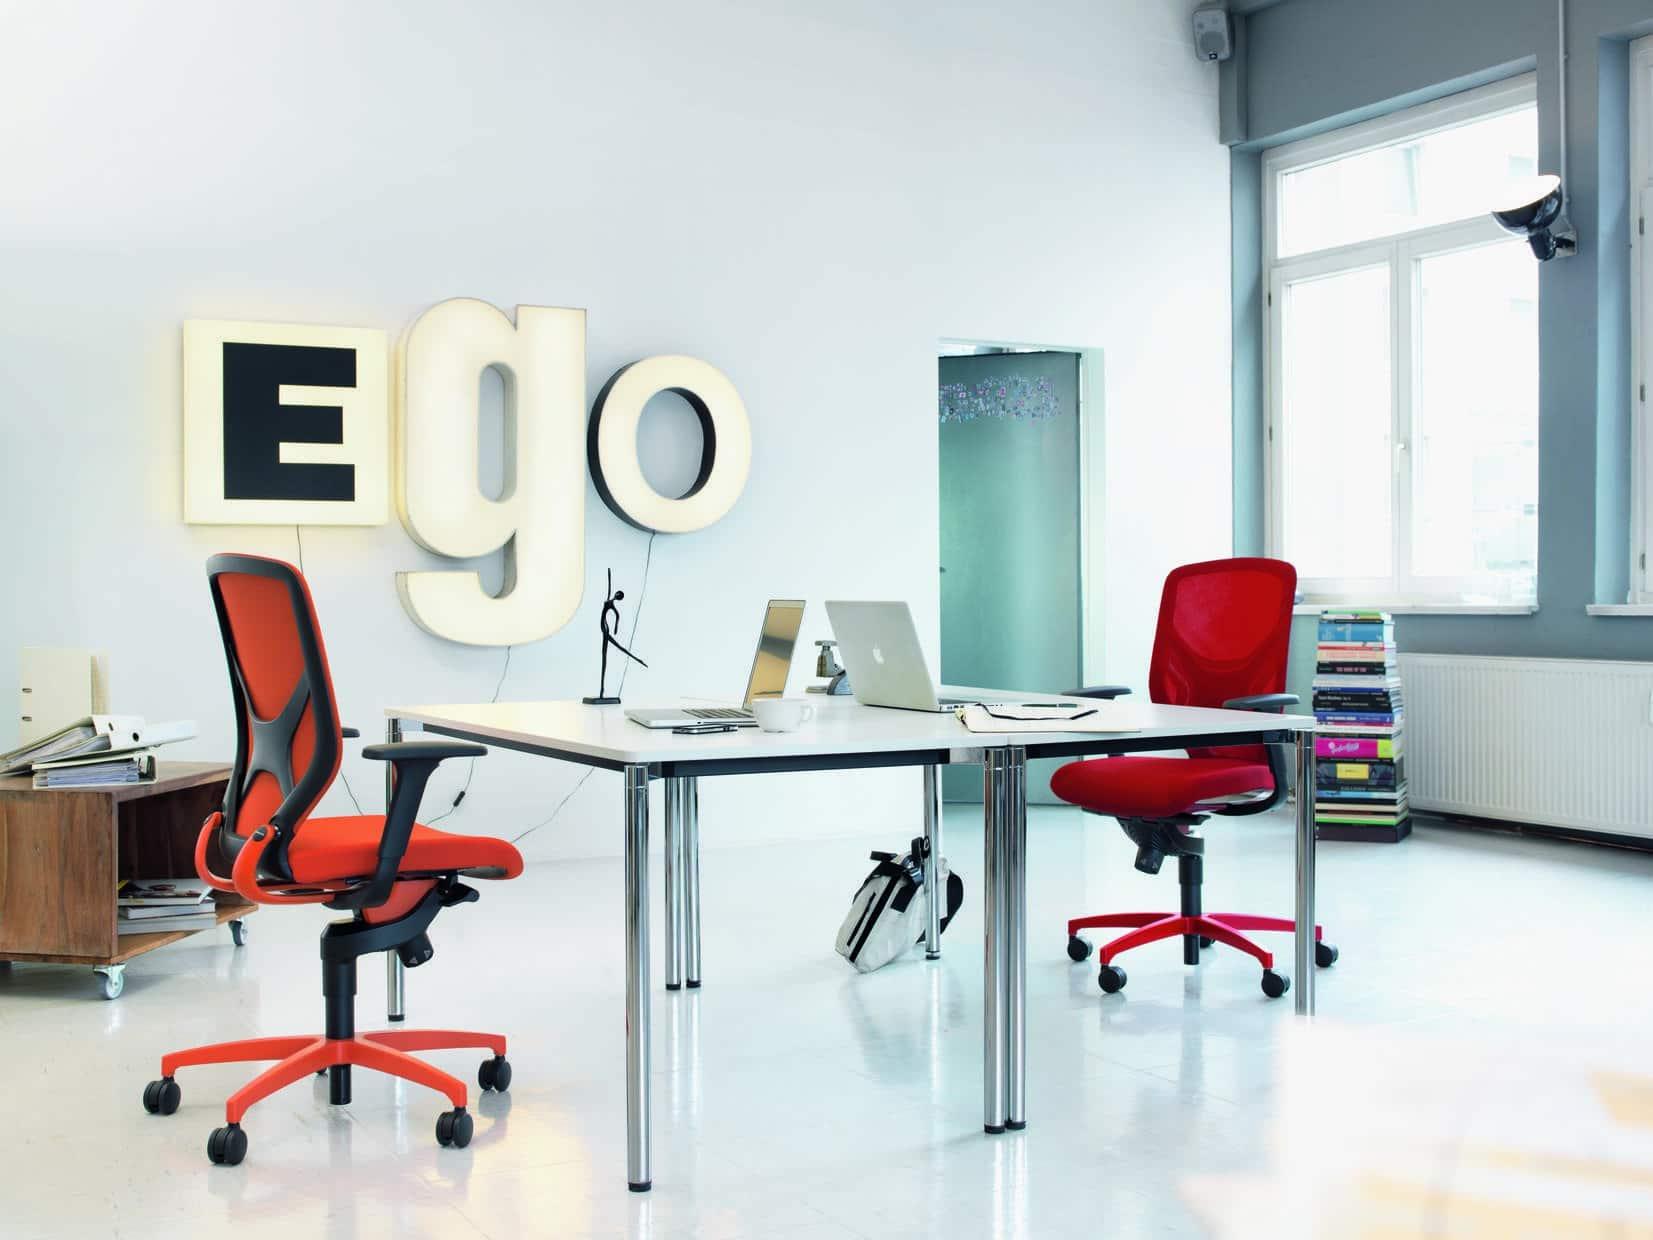 Drehstuhl, ergonomisch, sitzen, Design, einstellbar, Trimension, Wilkhahn, Netzrücken